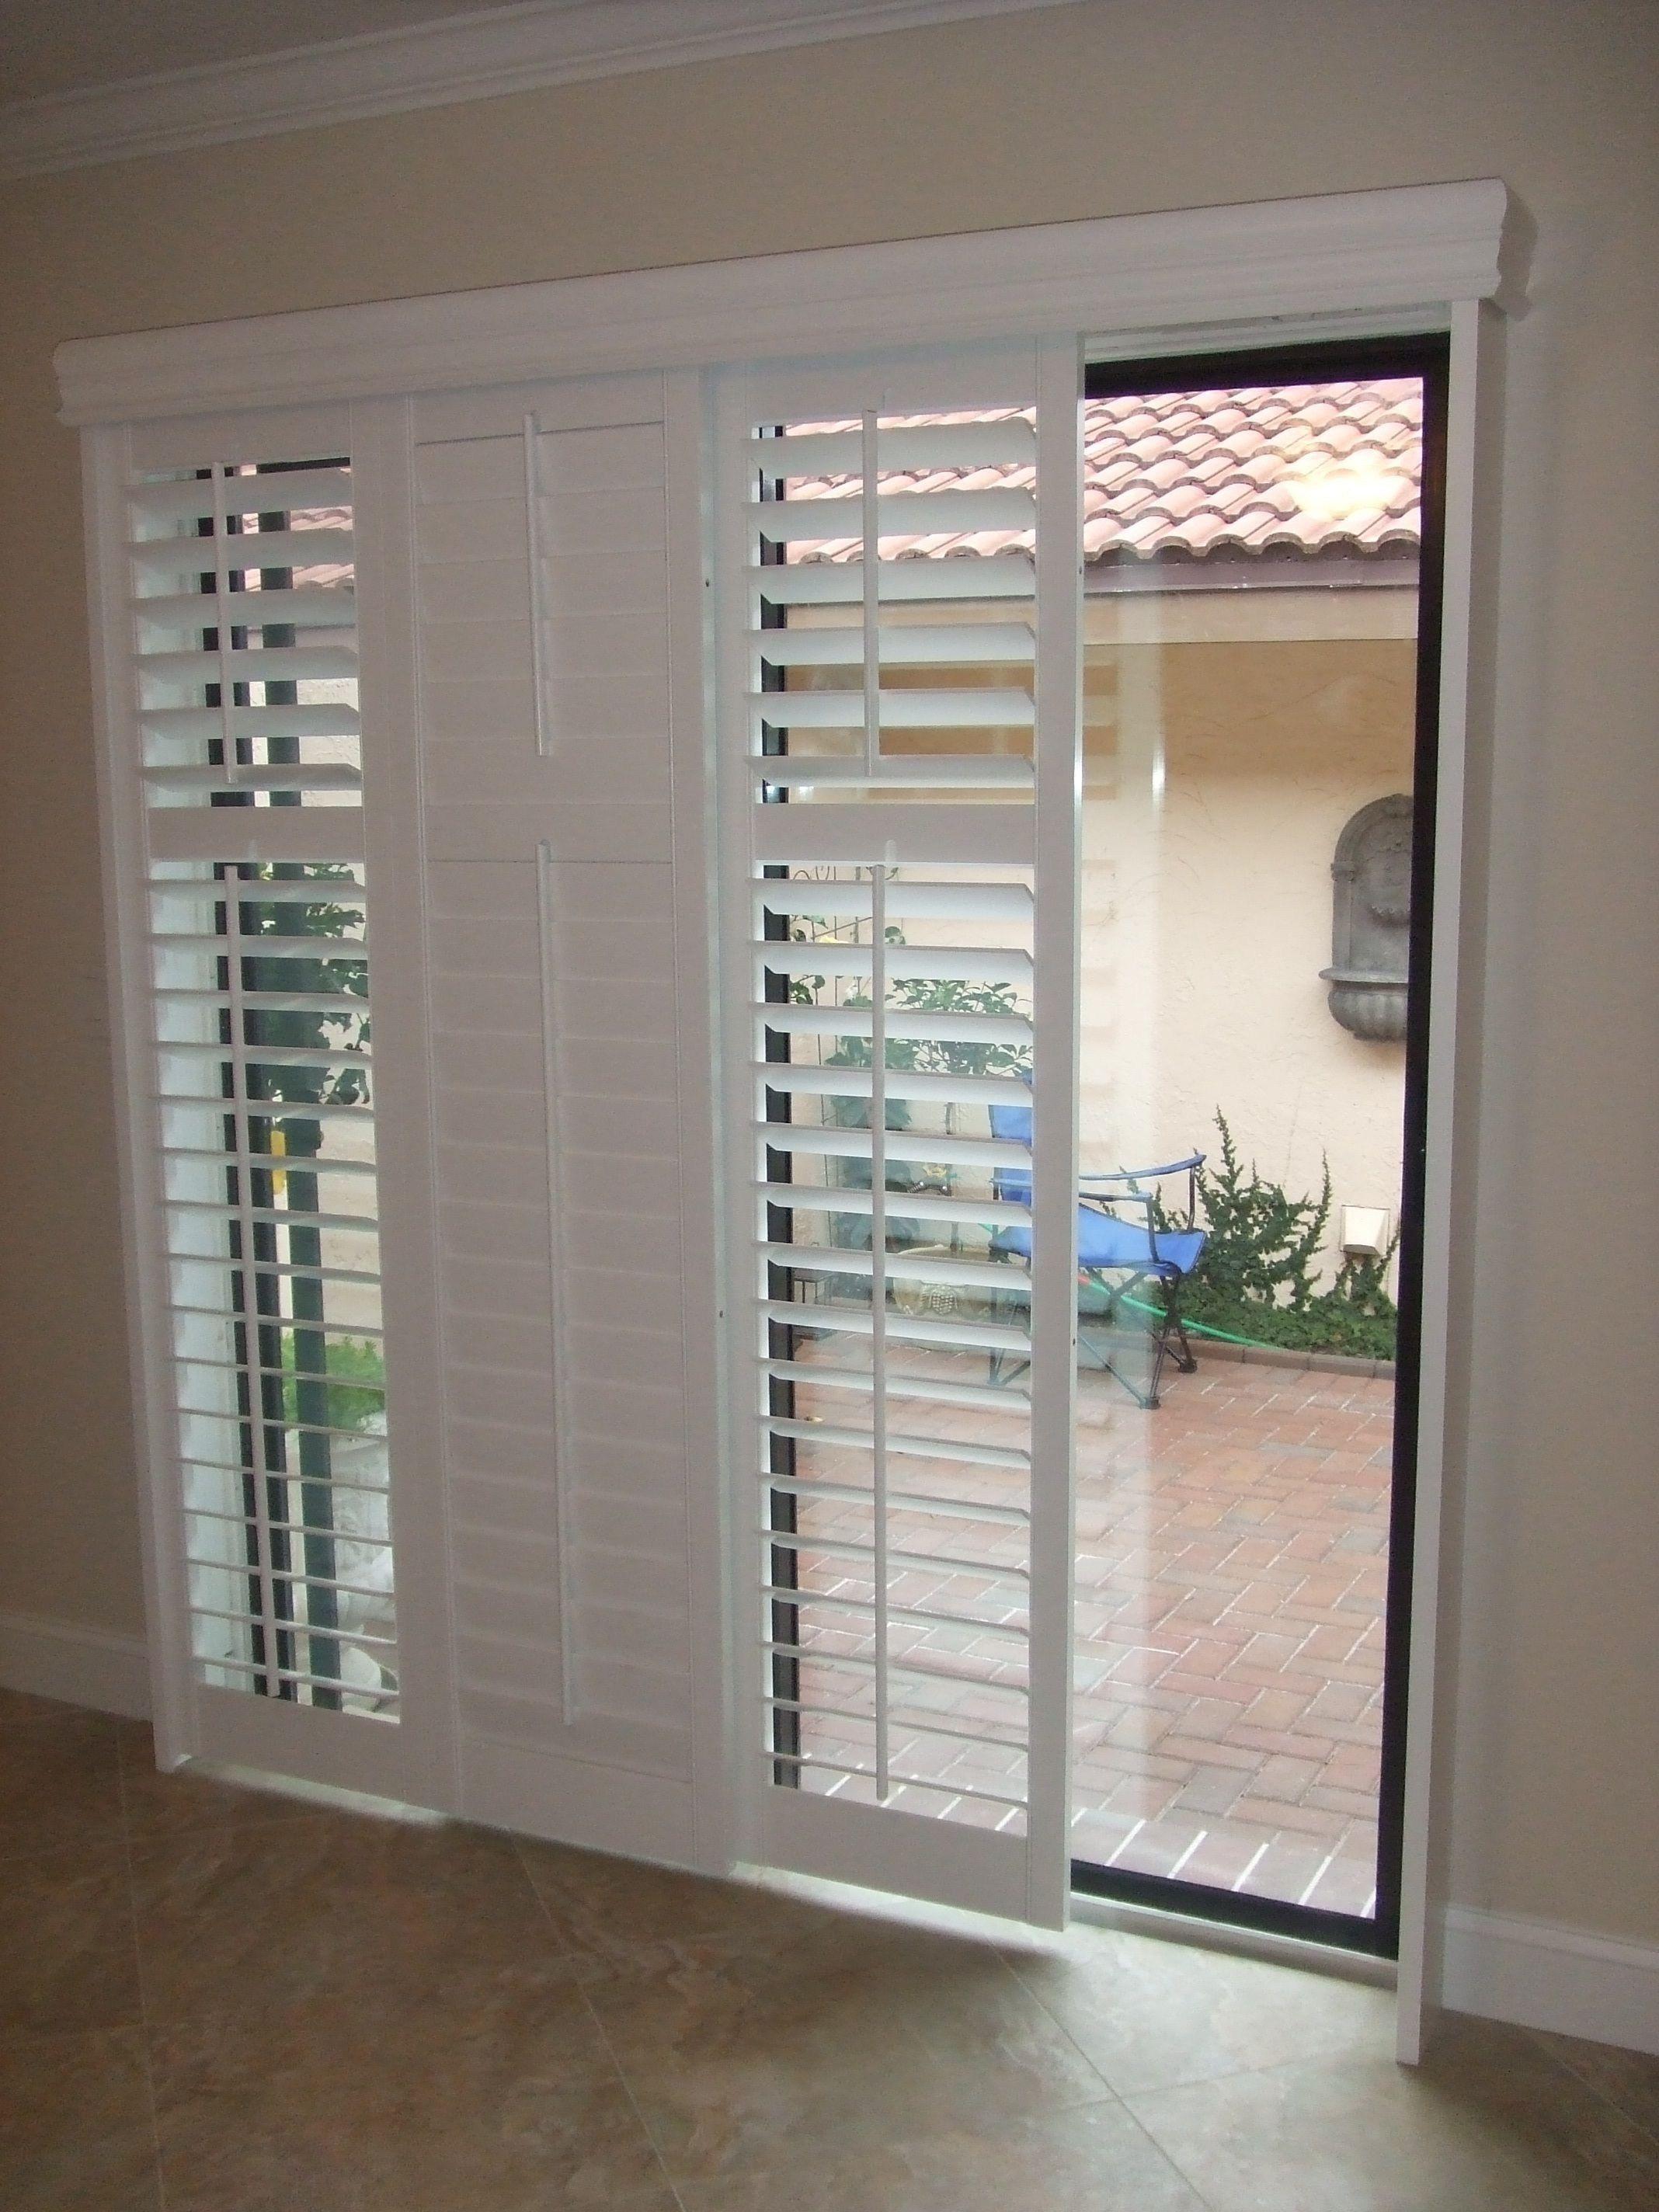 Best Of Door Handles for Sliding Glass Doors Windows Doors